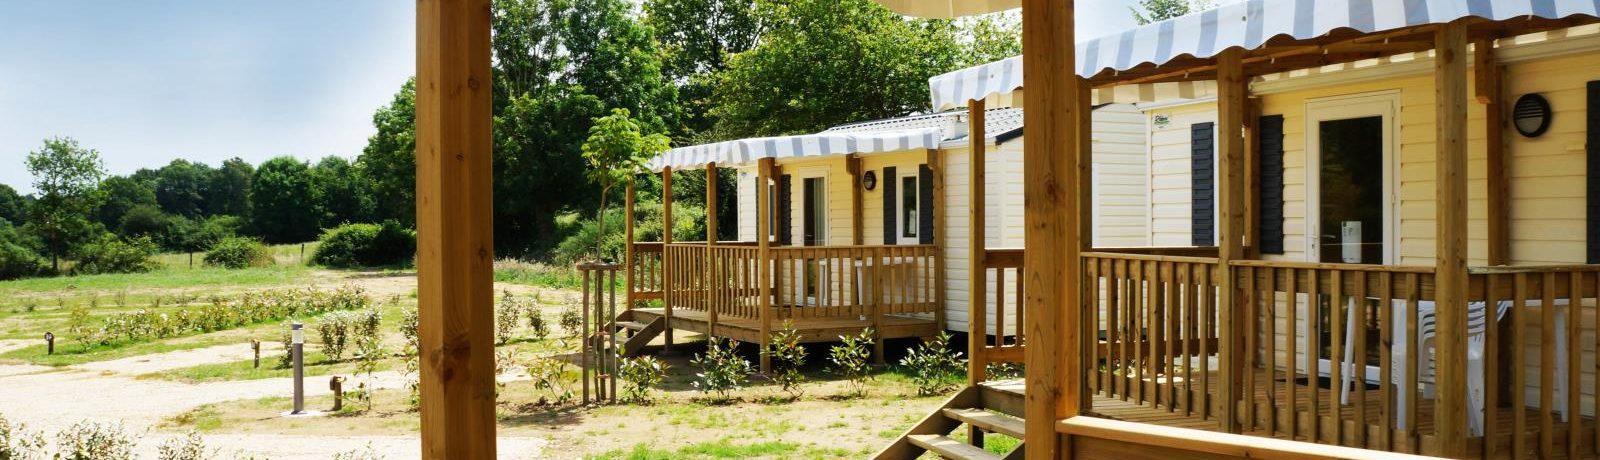 Camping Le Moulin De Rambourg in Nesmy is een kleine camping met een zwembad gelegen aan de rivier L'Yon in de Vendée.